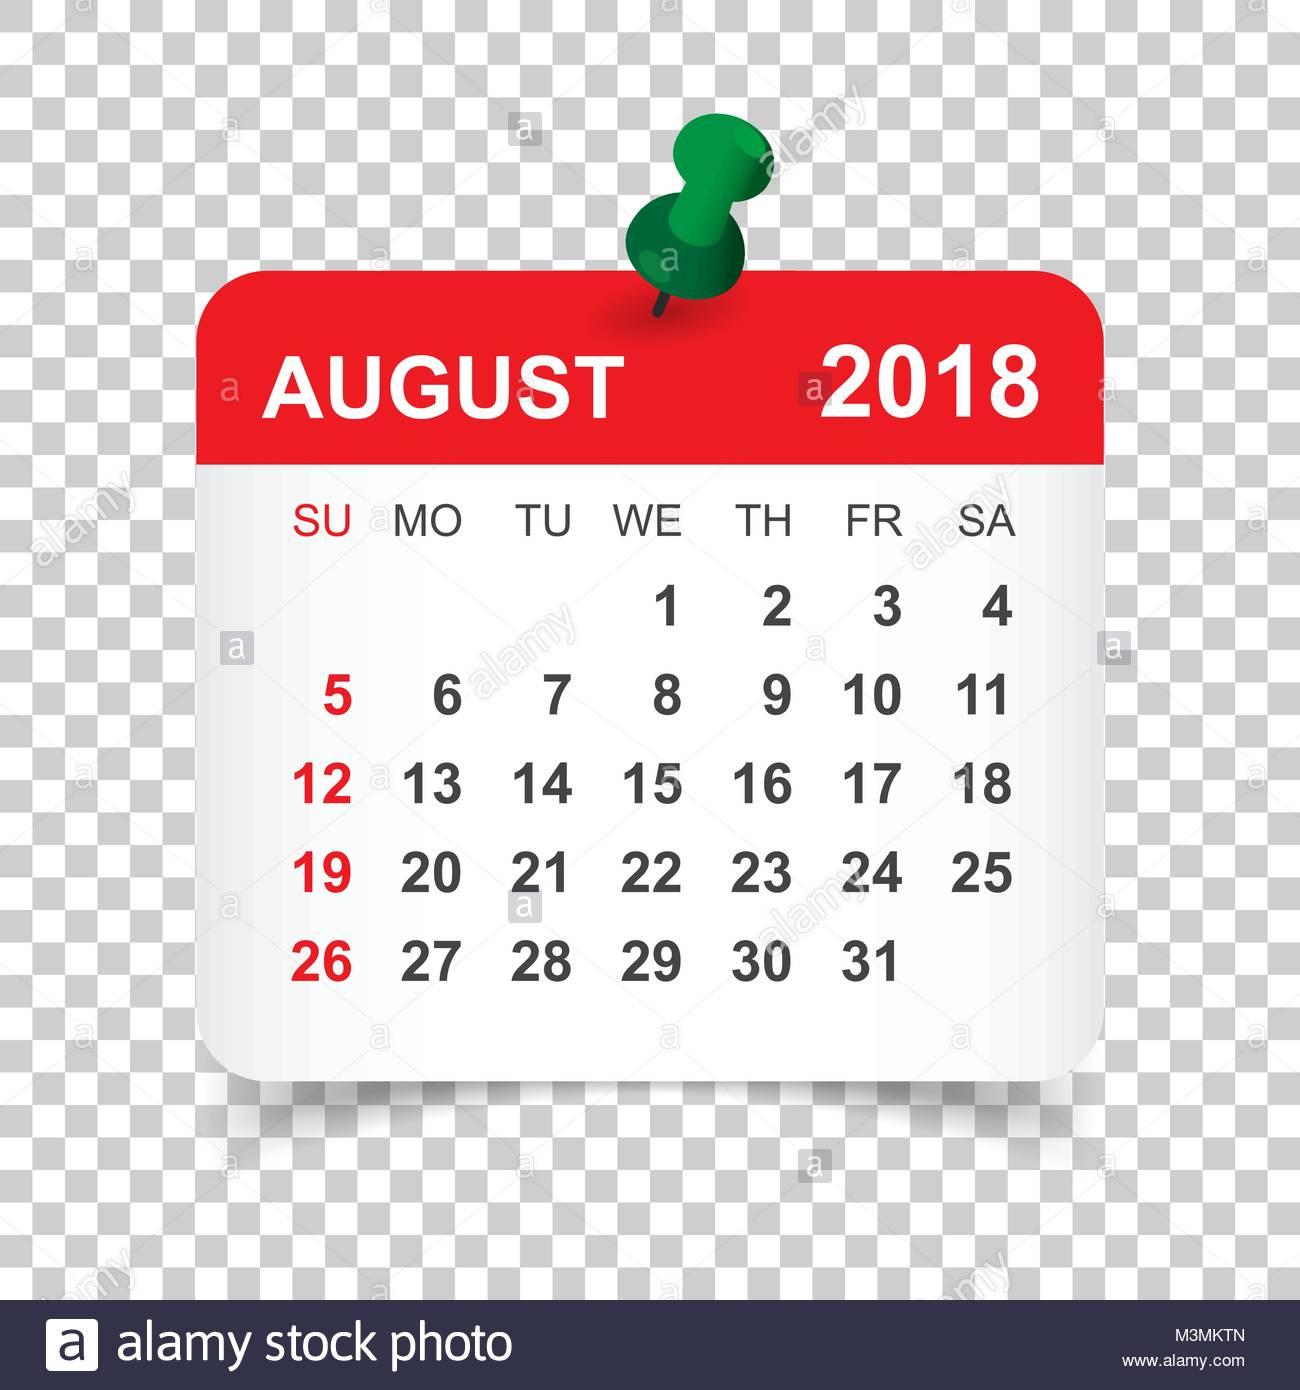 August 2018 Calendar. Calendar Sticker Design Template. Week Starts pertaining to Aug Calendar Clip Art Template